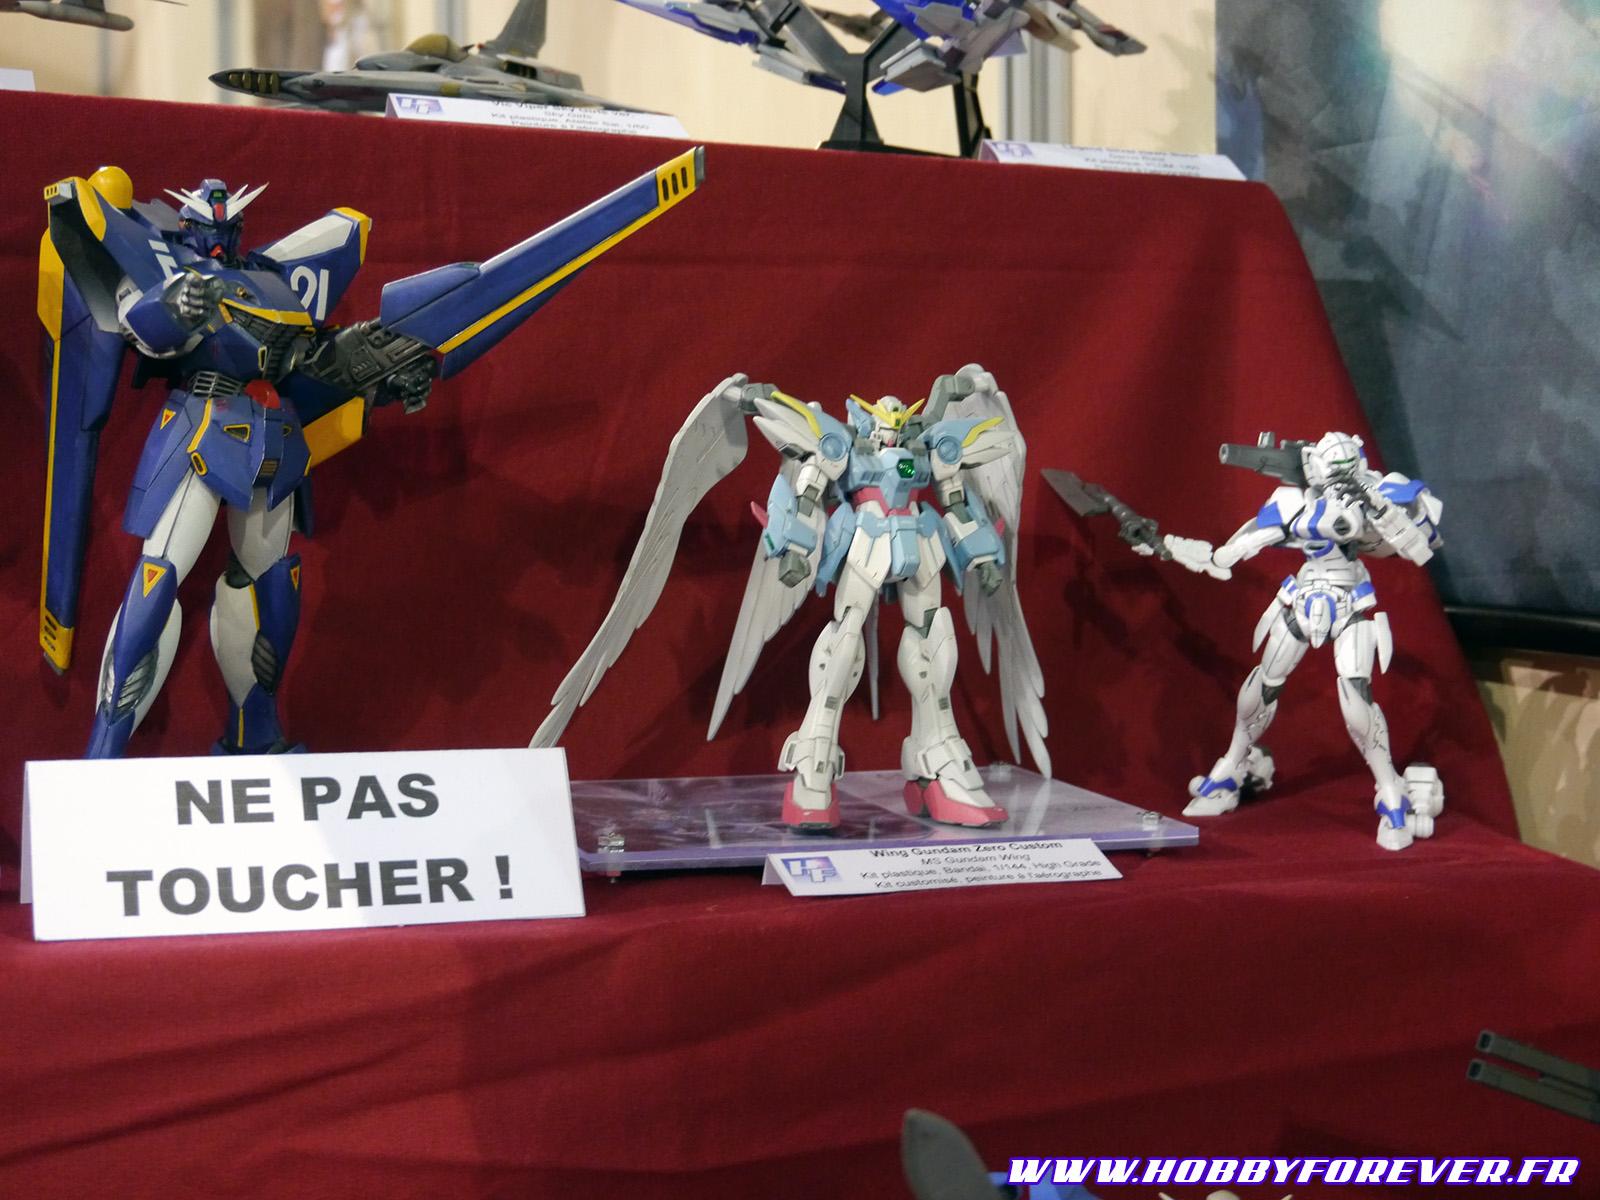 F90 Gundam (Youli), Wing Gundam Custom (Zenkuro), Alexander (Franck)